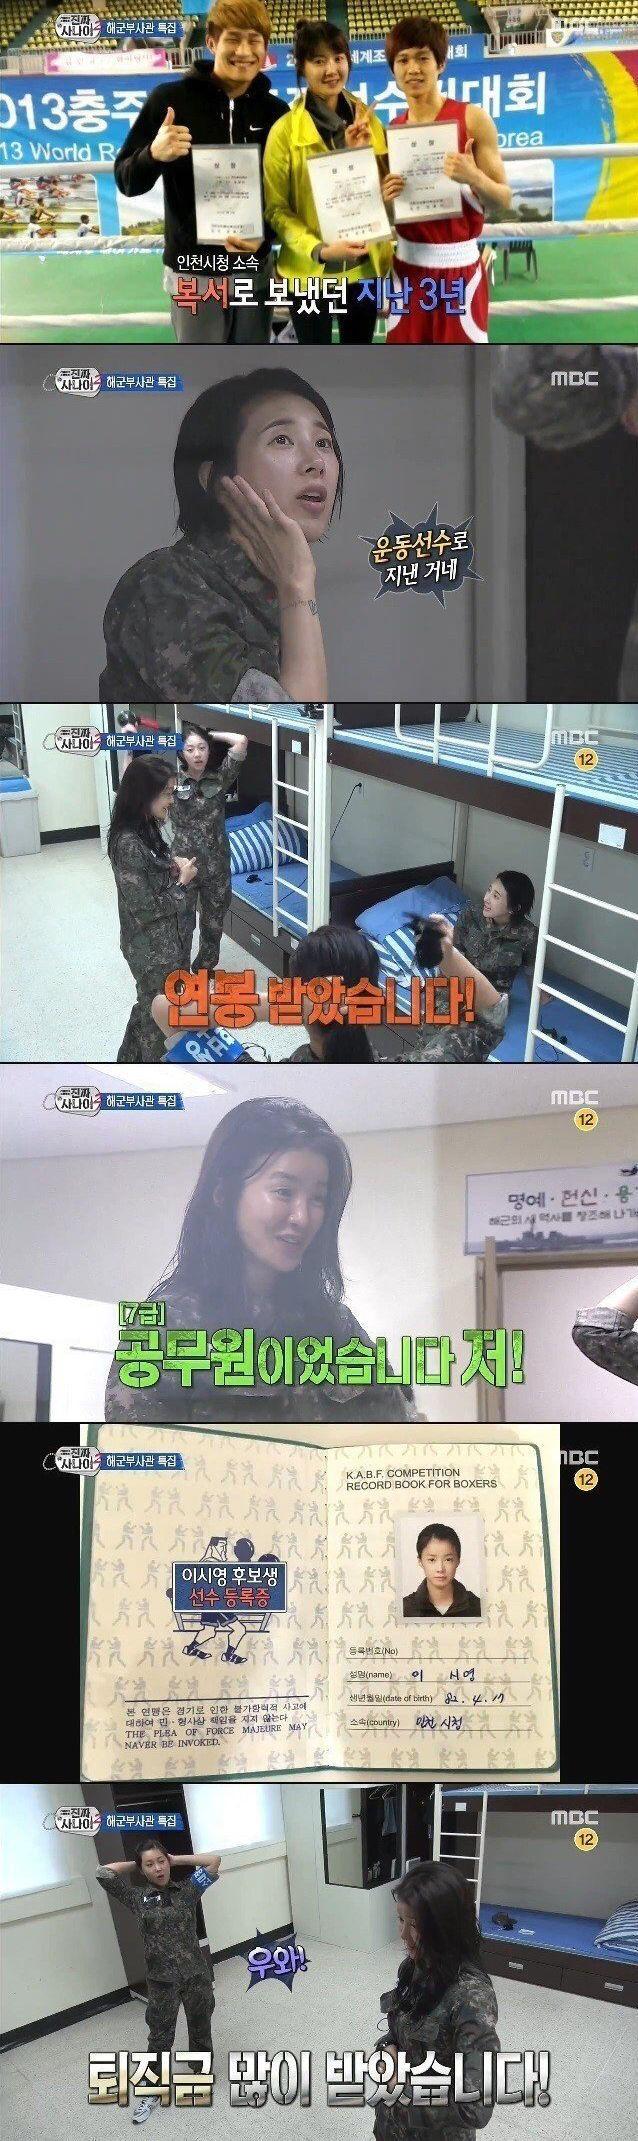 출처: MBC 진짜사나이